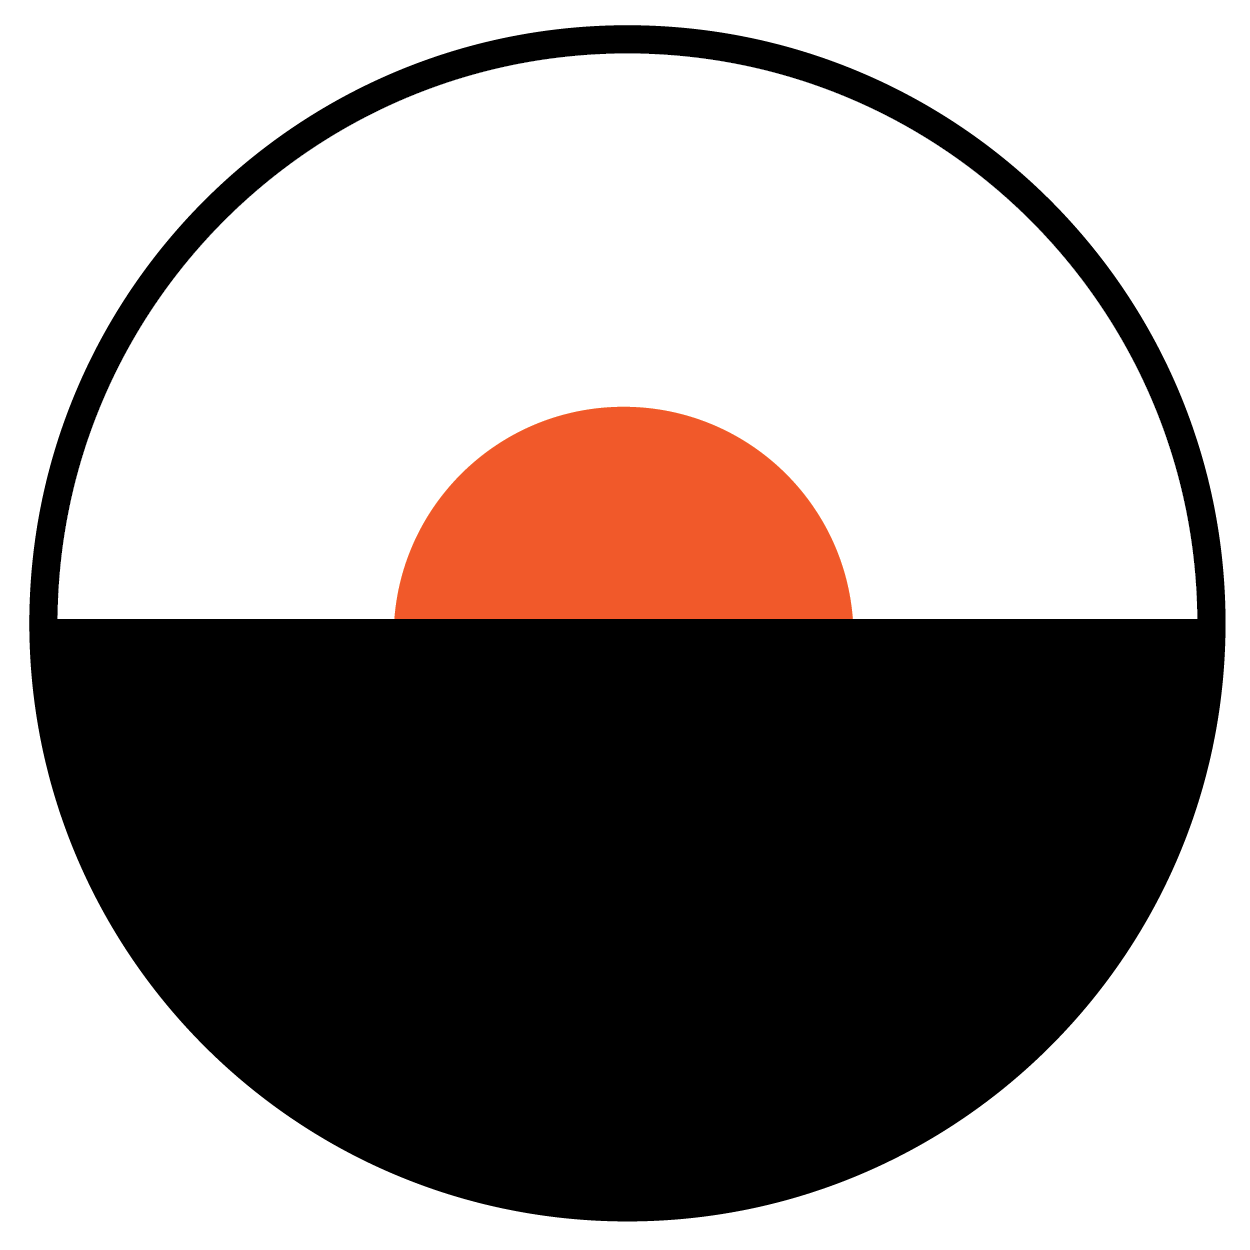 symbol-01